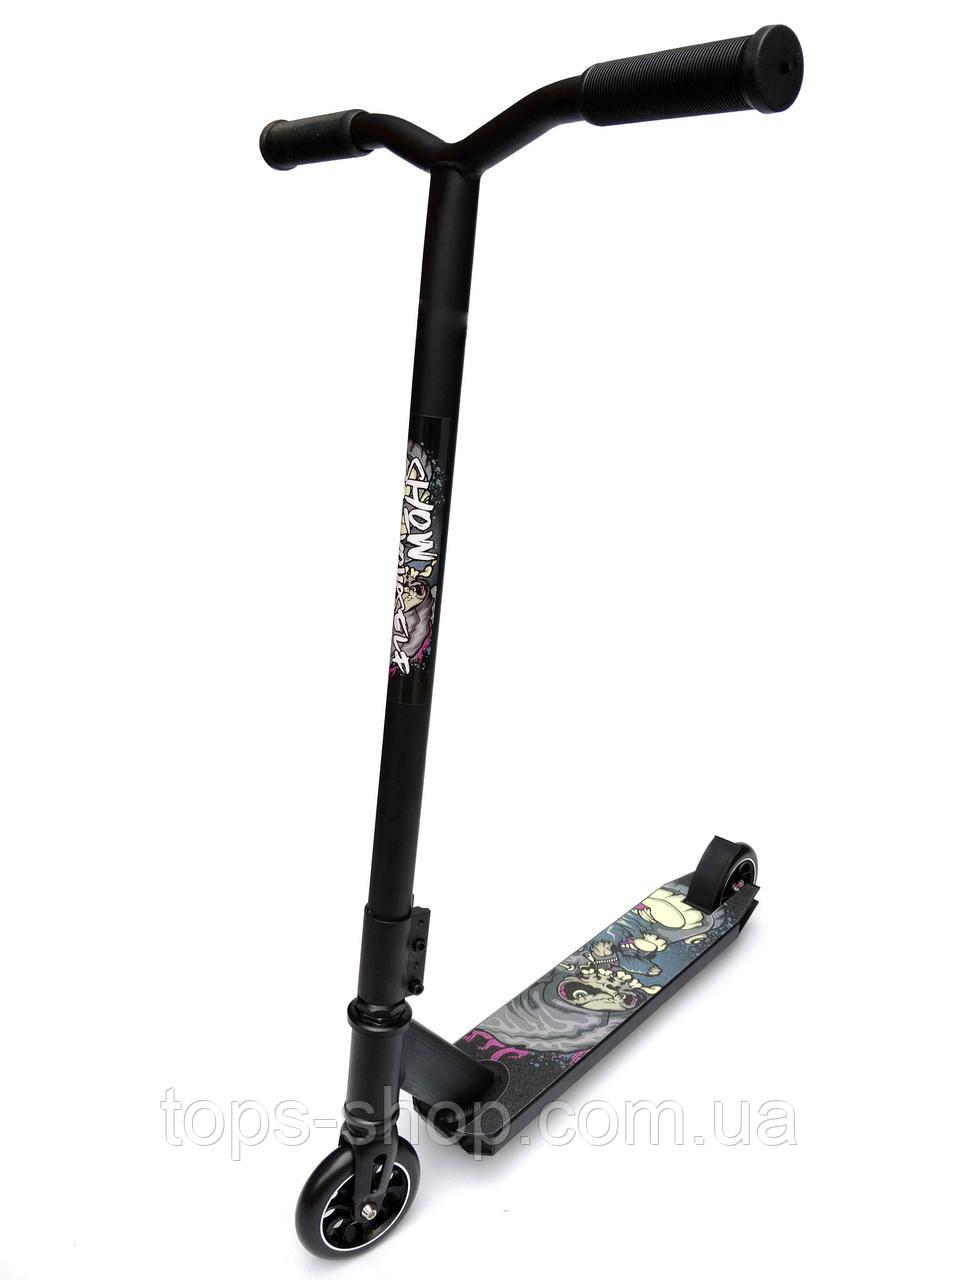 Трюковый Самокат от Scooter – MICMAX D-60, 110 мм Черный , колеса алюминий/полиуретан